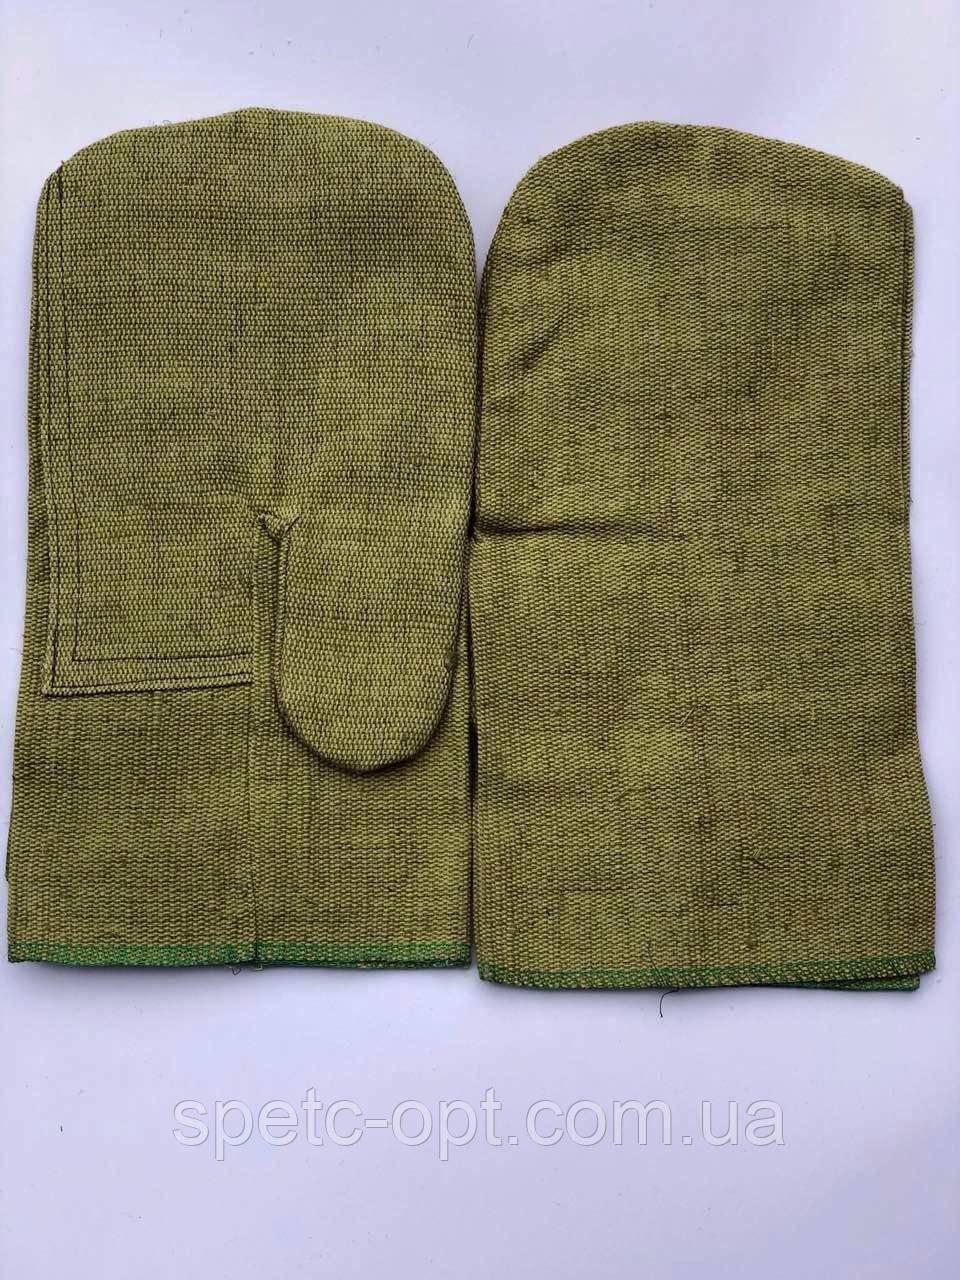 Рукавицы брезентовые с двойным наладонником. брезентовые рукавицы усиленные.